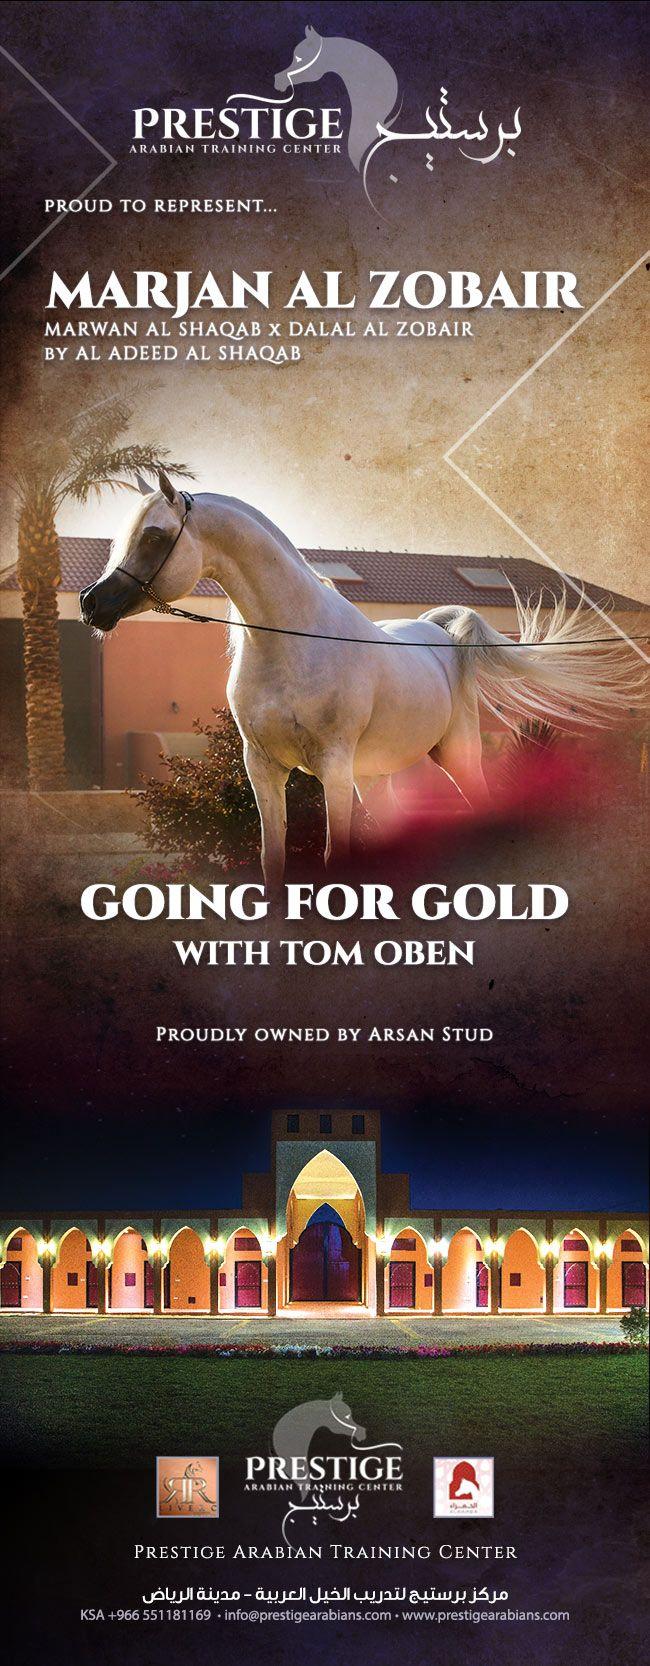 برستيج مرجان الزبير منافس الافحل في بطولة الشرقية Going For Gold Training Center Arabians